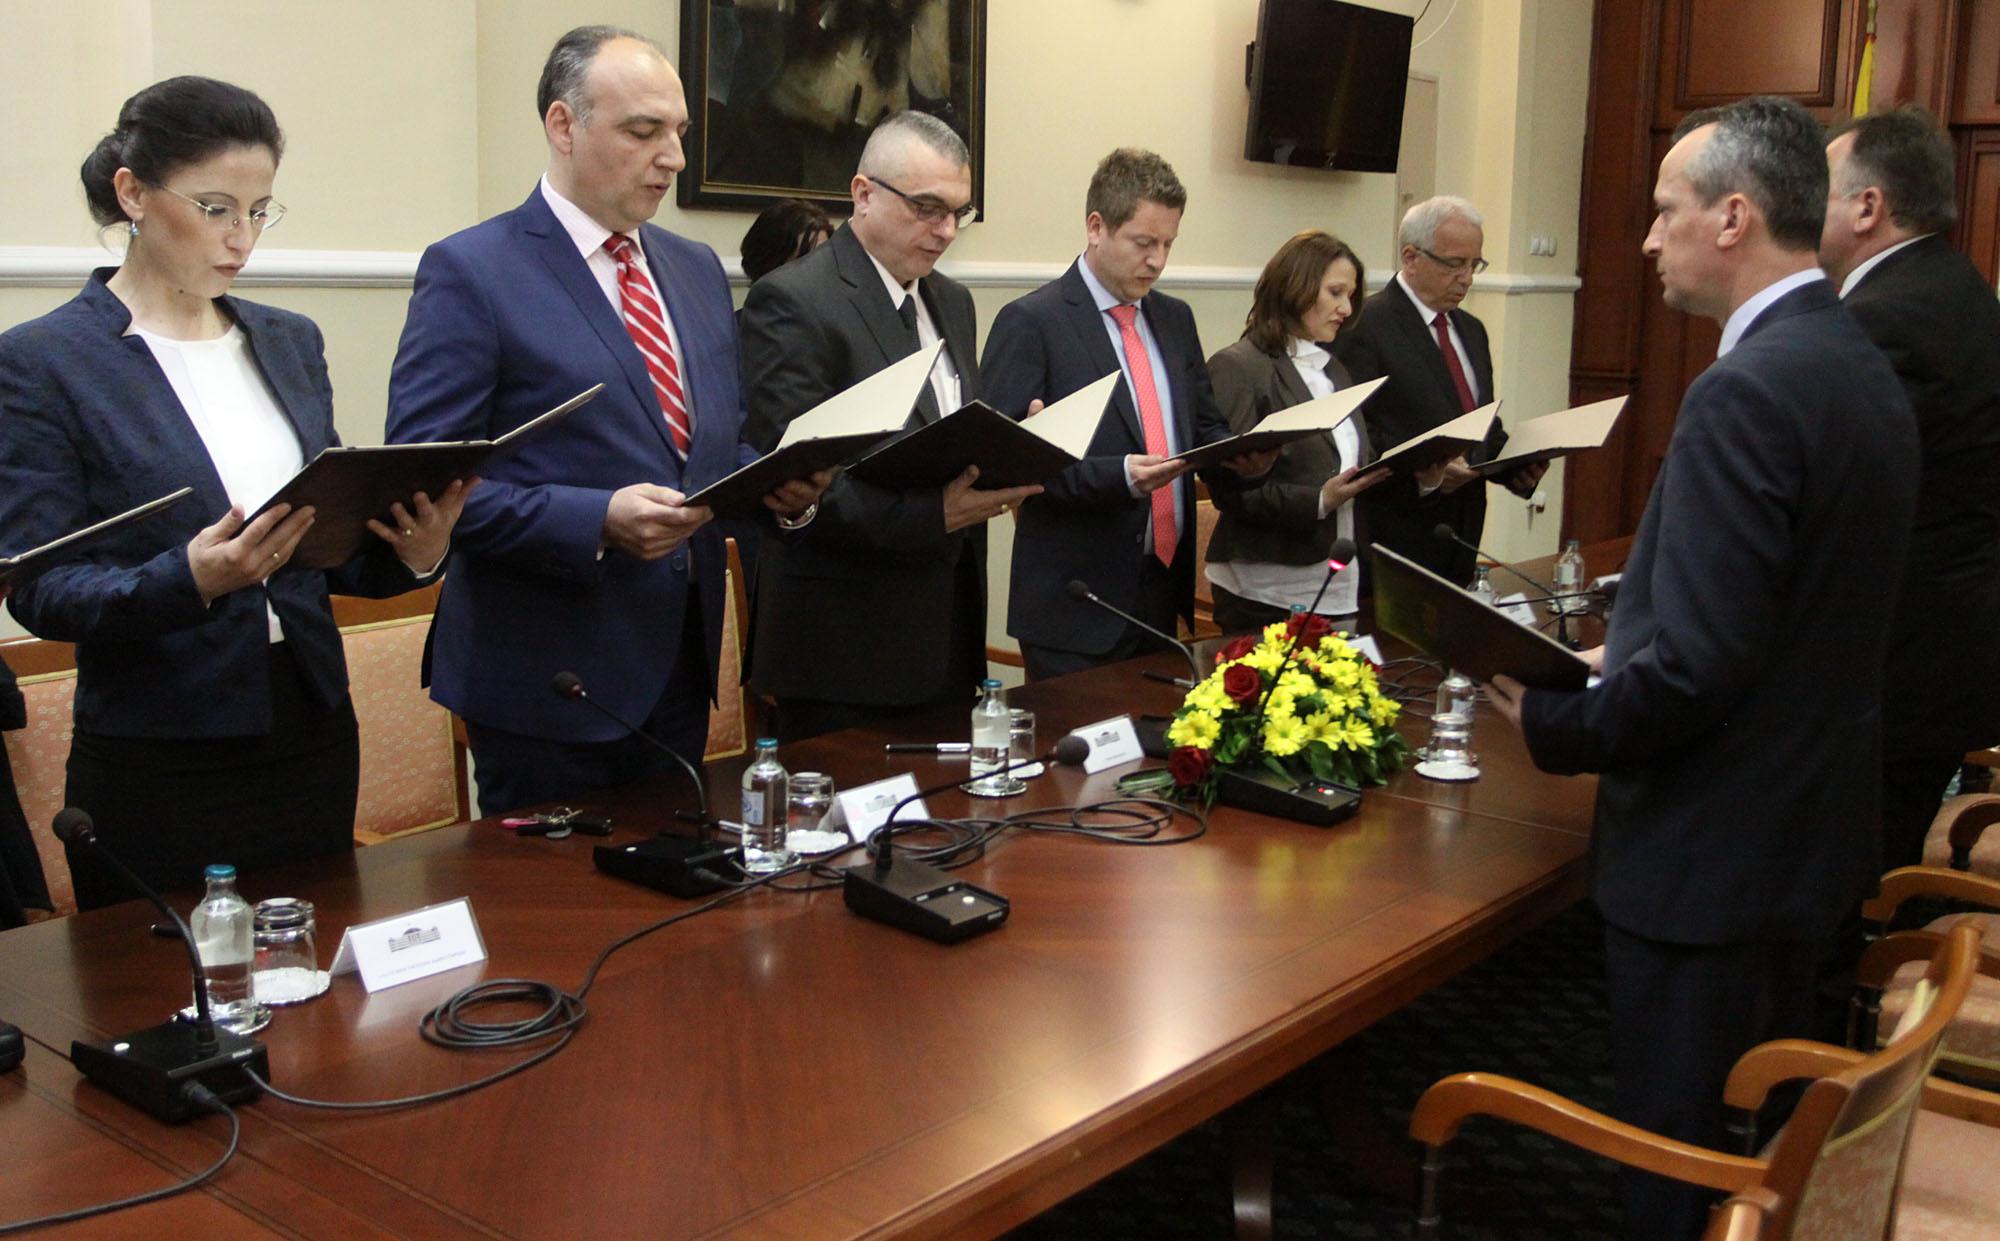 Tanturovski dhe Milenkov nga KShPK (i dyti dhe i treti nga e majta) ishin nxitës të proceseve, foto: MIA, 2015